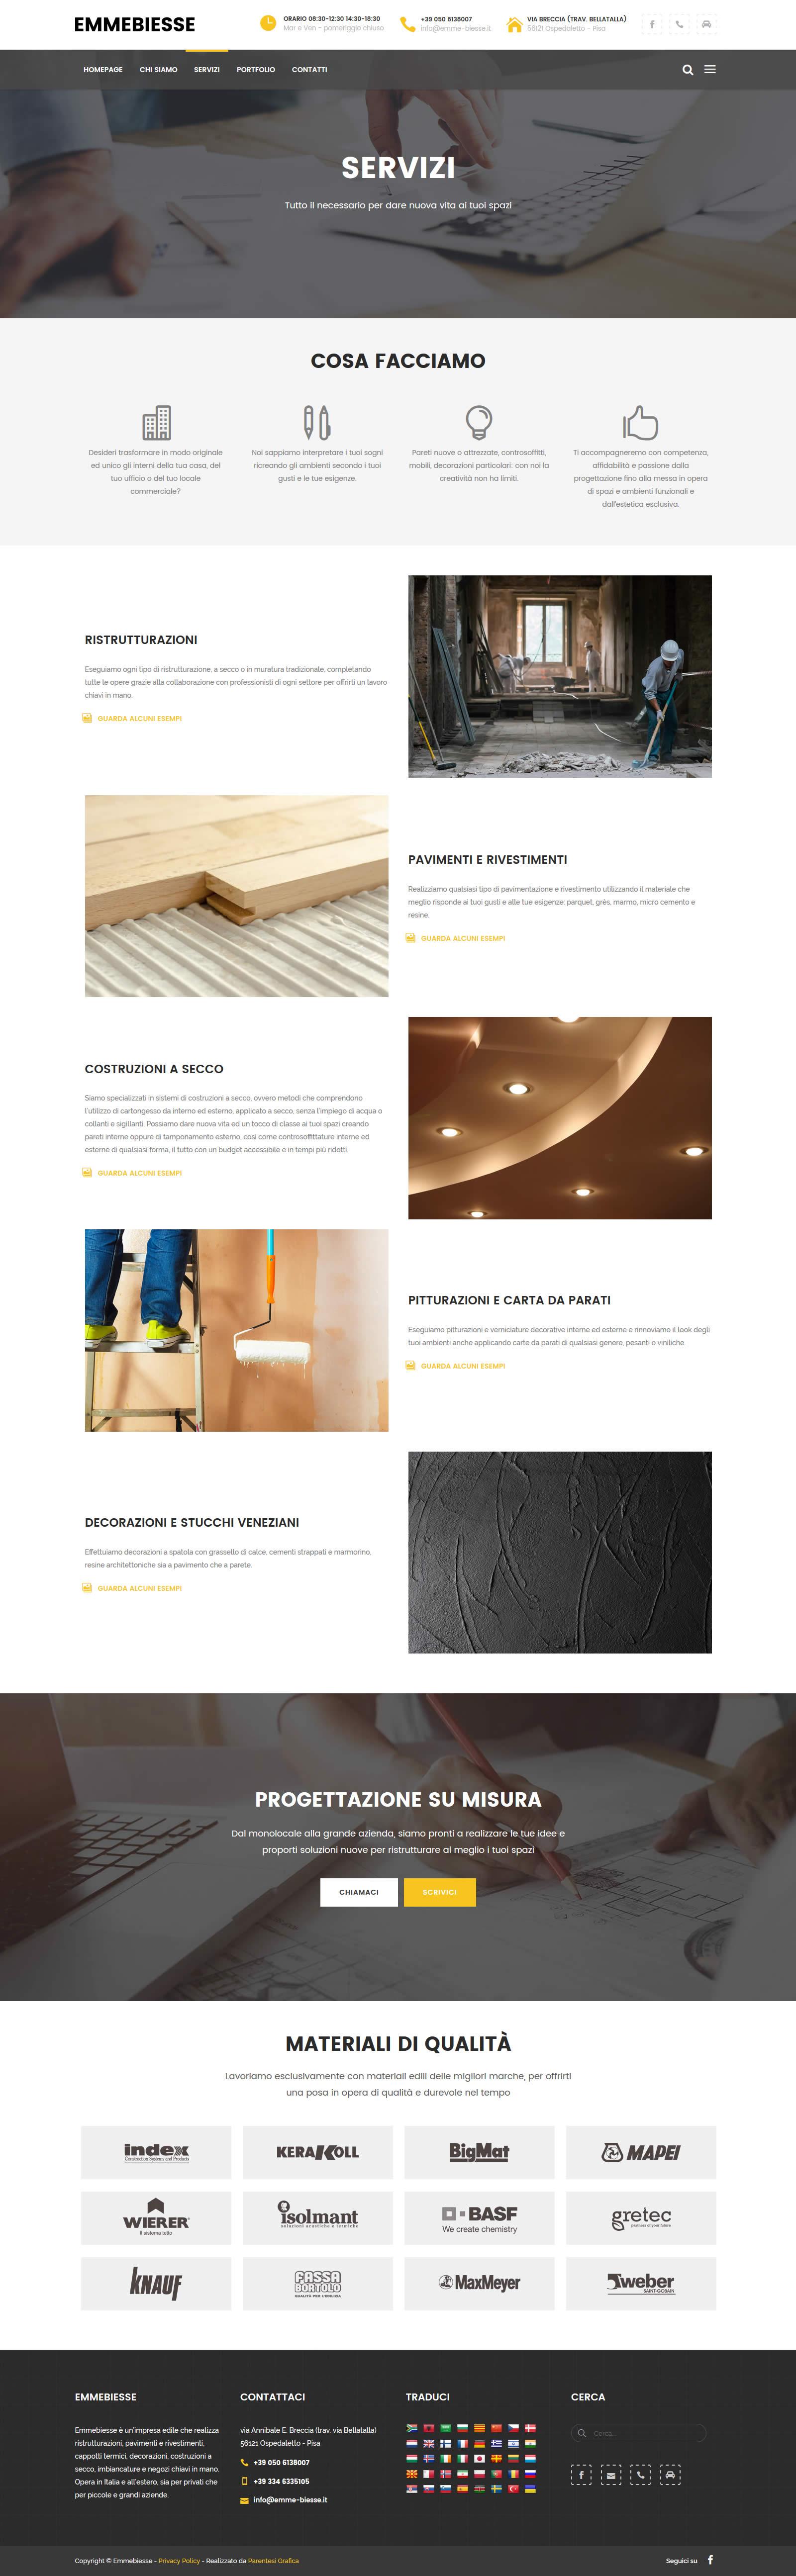 Sito web Emmebiesse - pagina servizi